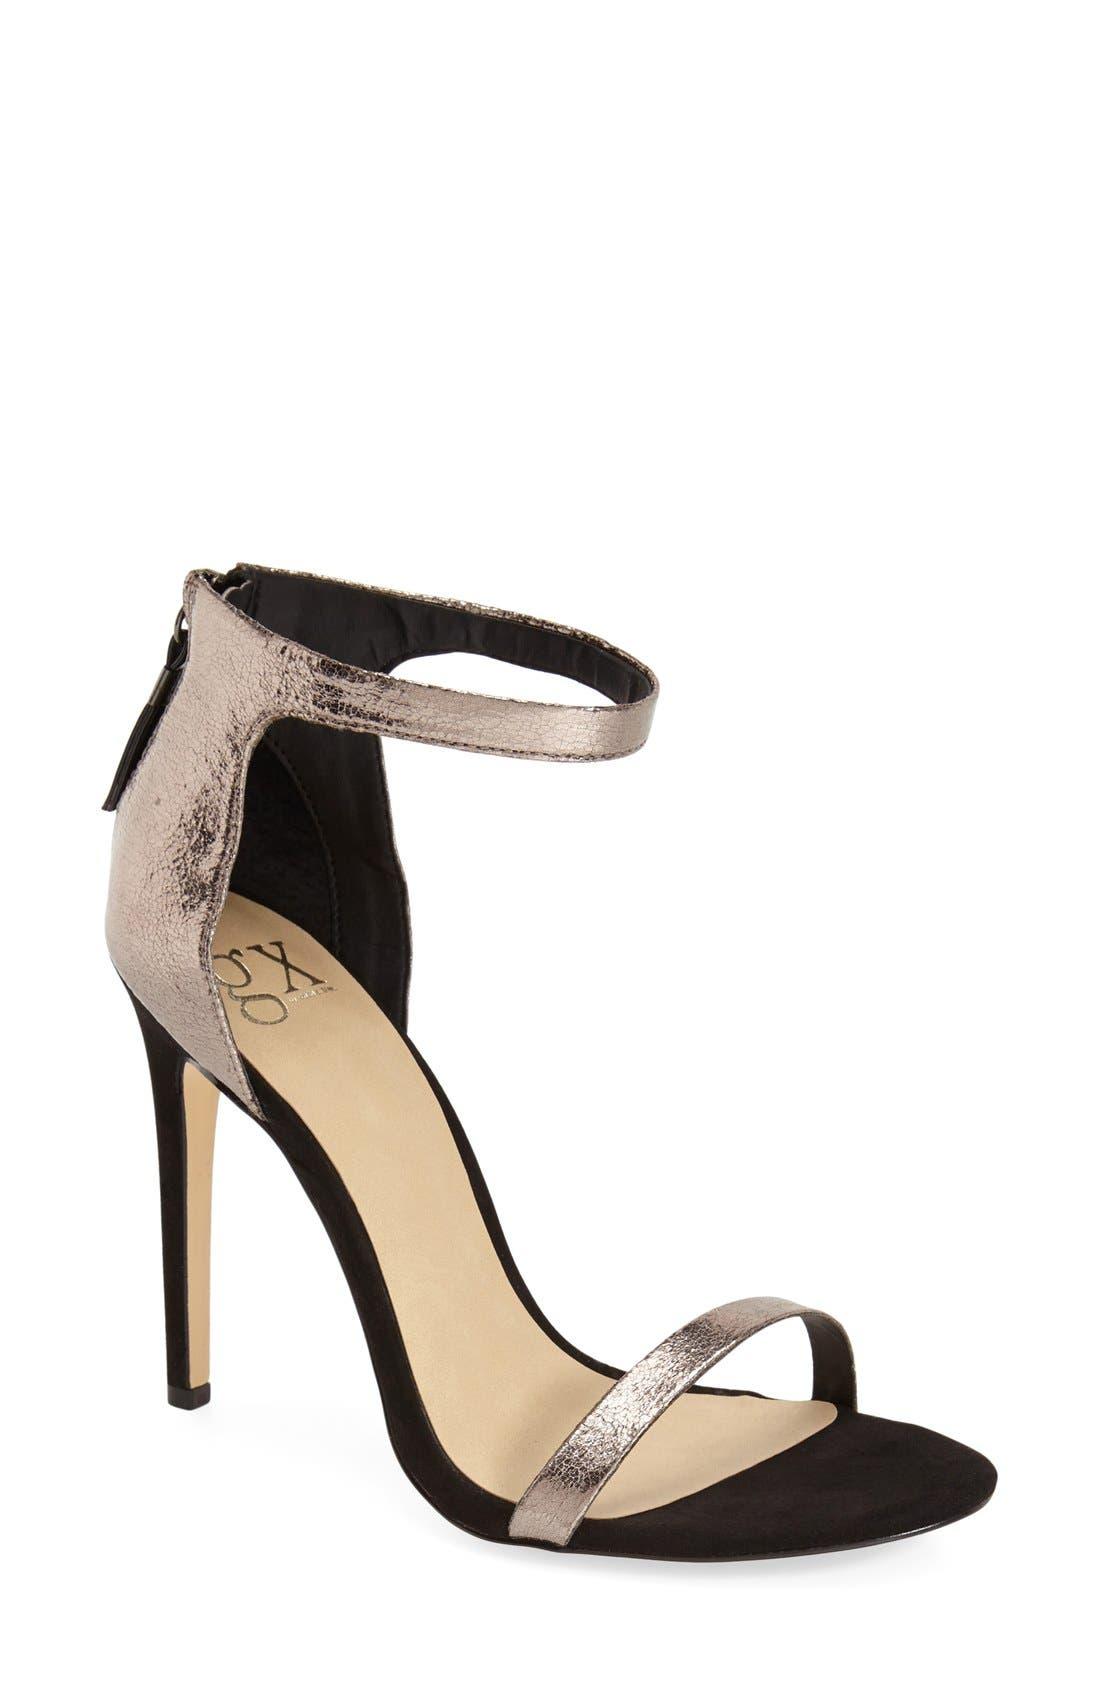 Main Image - gx by Gwen Stefani 'Observe' Ankle Strap Sandal (Women)